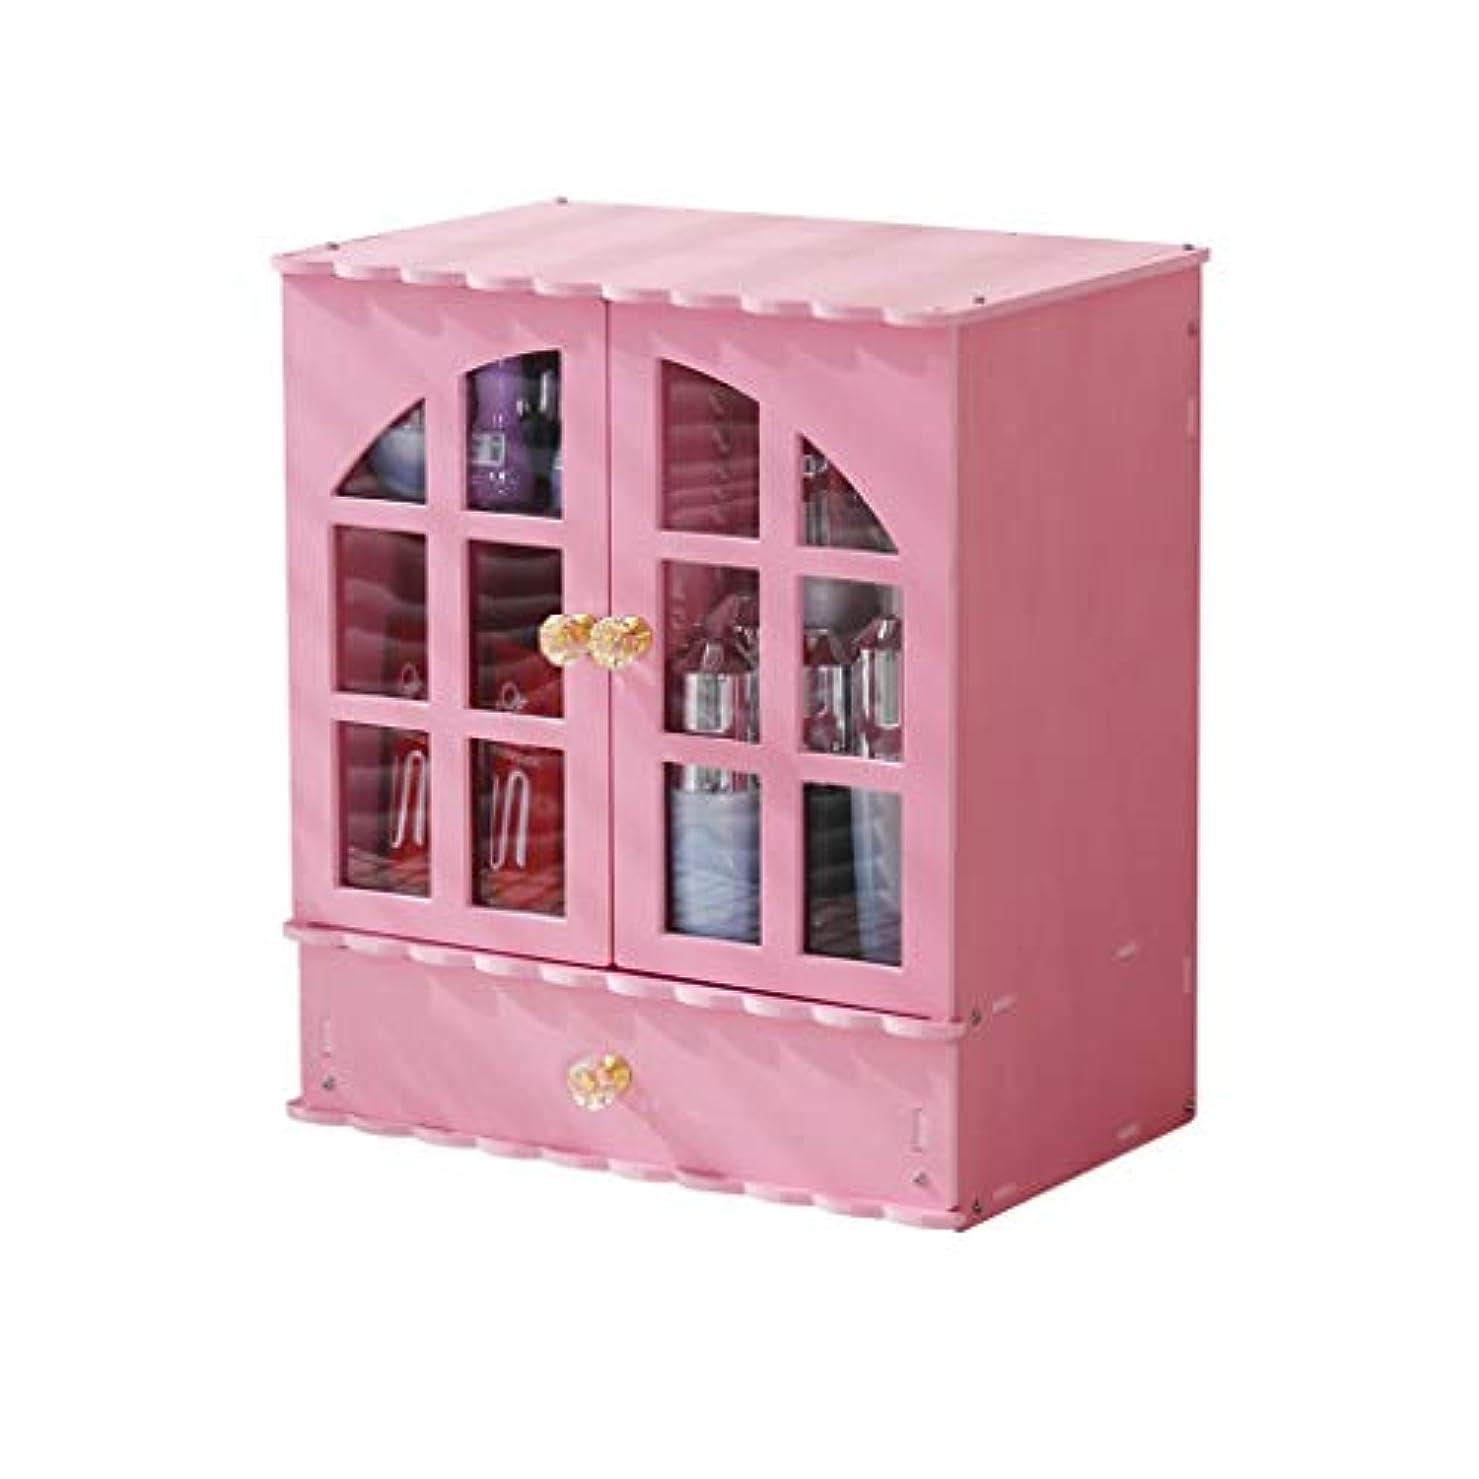 仕事に行く敵意トーストデスクトップ化粧品スキンケア収納ボックスプラスチック収納キャビネットラックかわいい家庭用ドレッシングテーブル化粧箱 (Color : Pink)